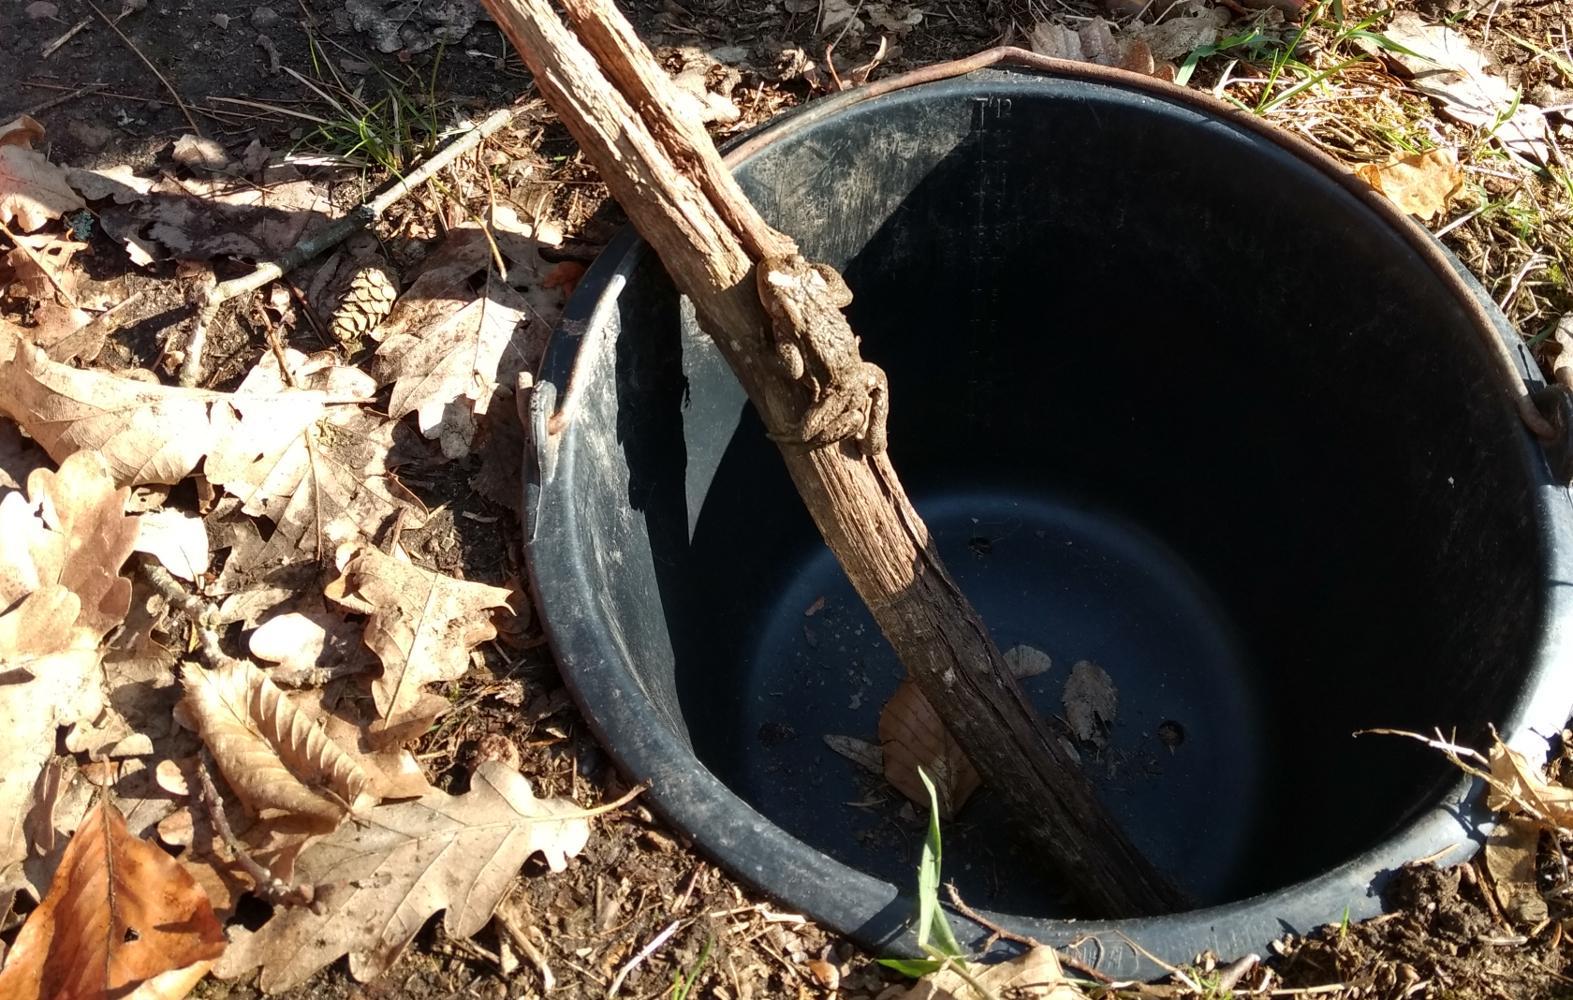 Erdkrötenmännchen am Stock im Eimer